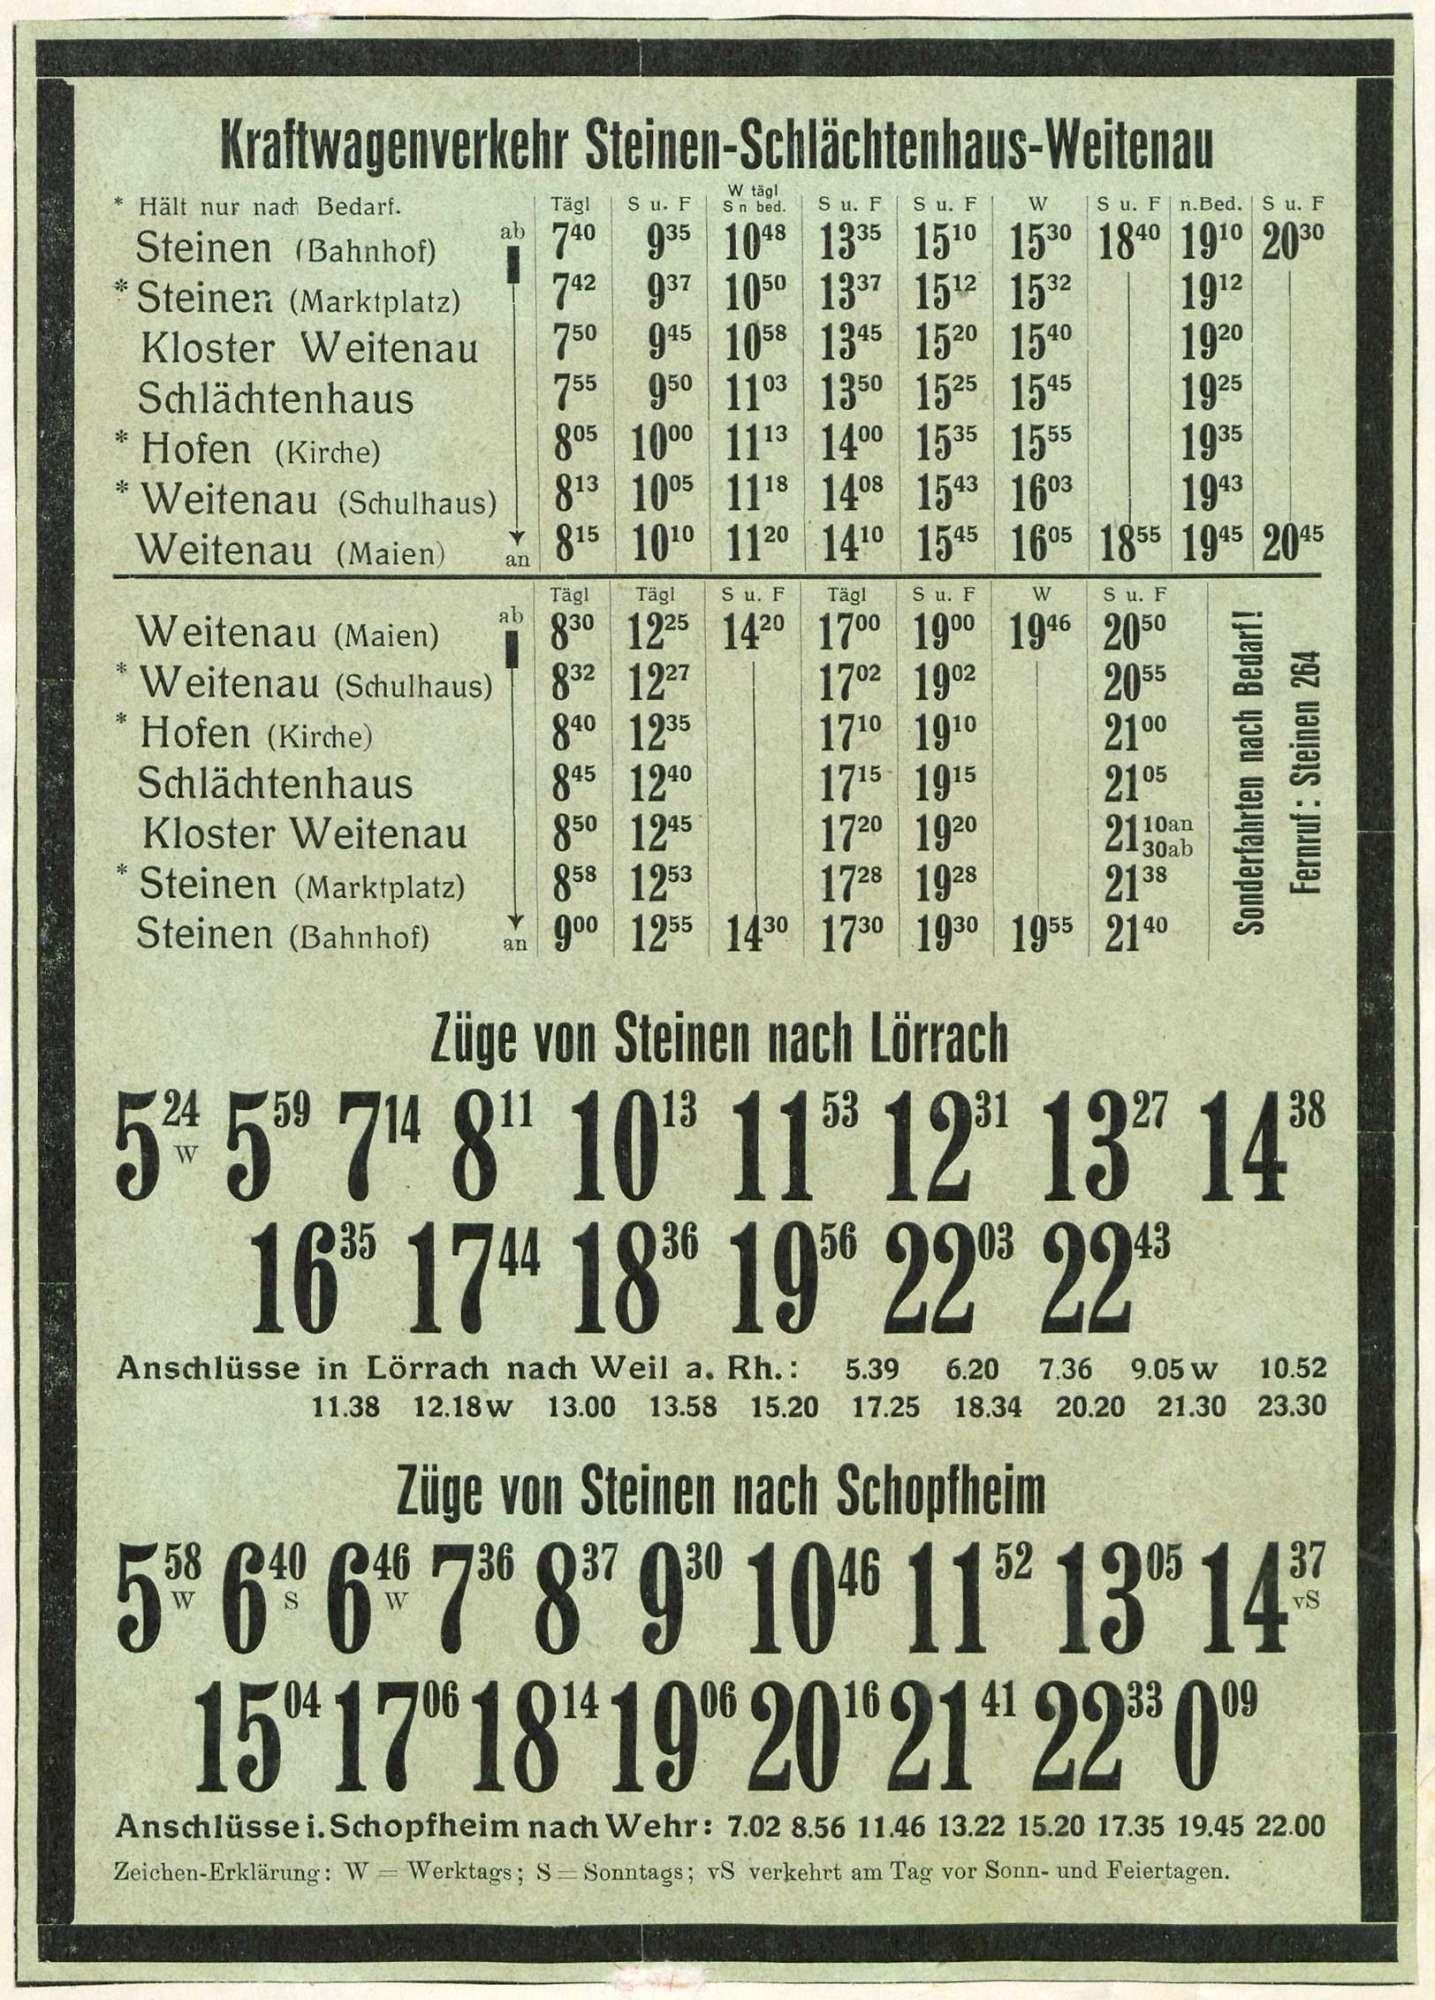 Gesuch der Fa. Gebrüder Karth, Lörrach bzw. Inzlingen, um Genehmigung des Güterfernverkehrs mit Lastkraftwagen sowie Umschreibung eines Wagens des Anton Kantner, Hochheim am Main, auf die Fa. Karth, Bild 3